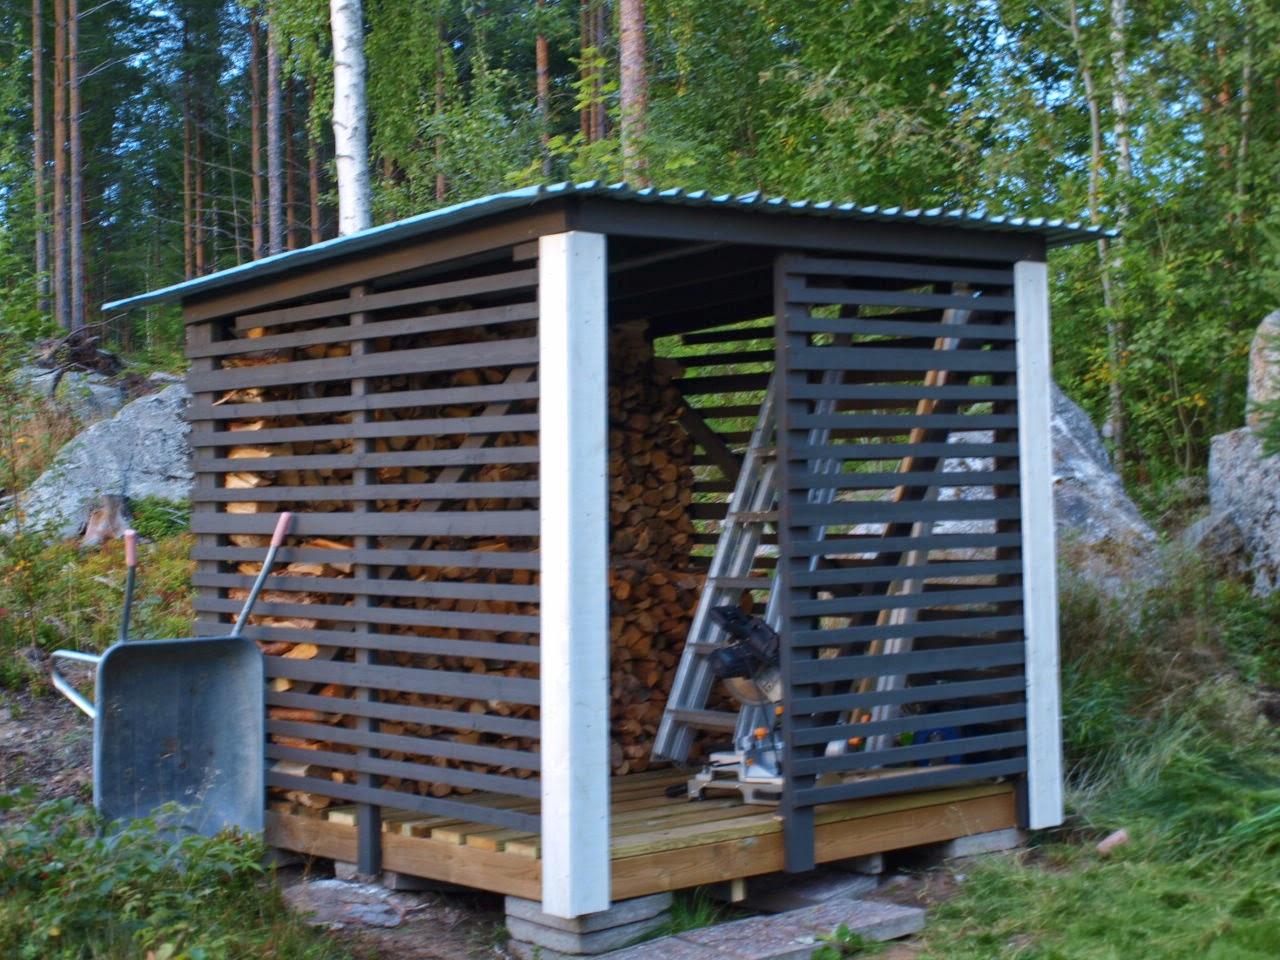 Lilla huset på Myran: Vedbod